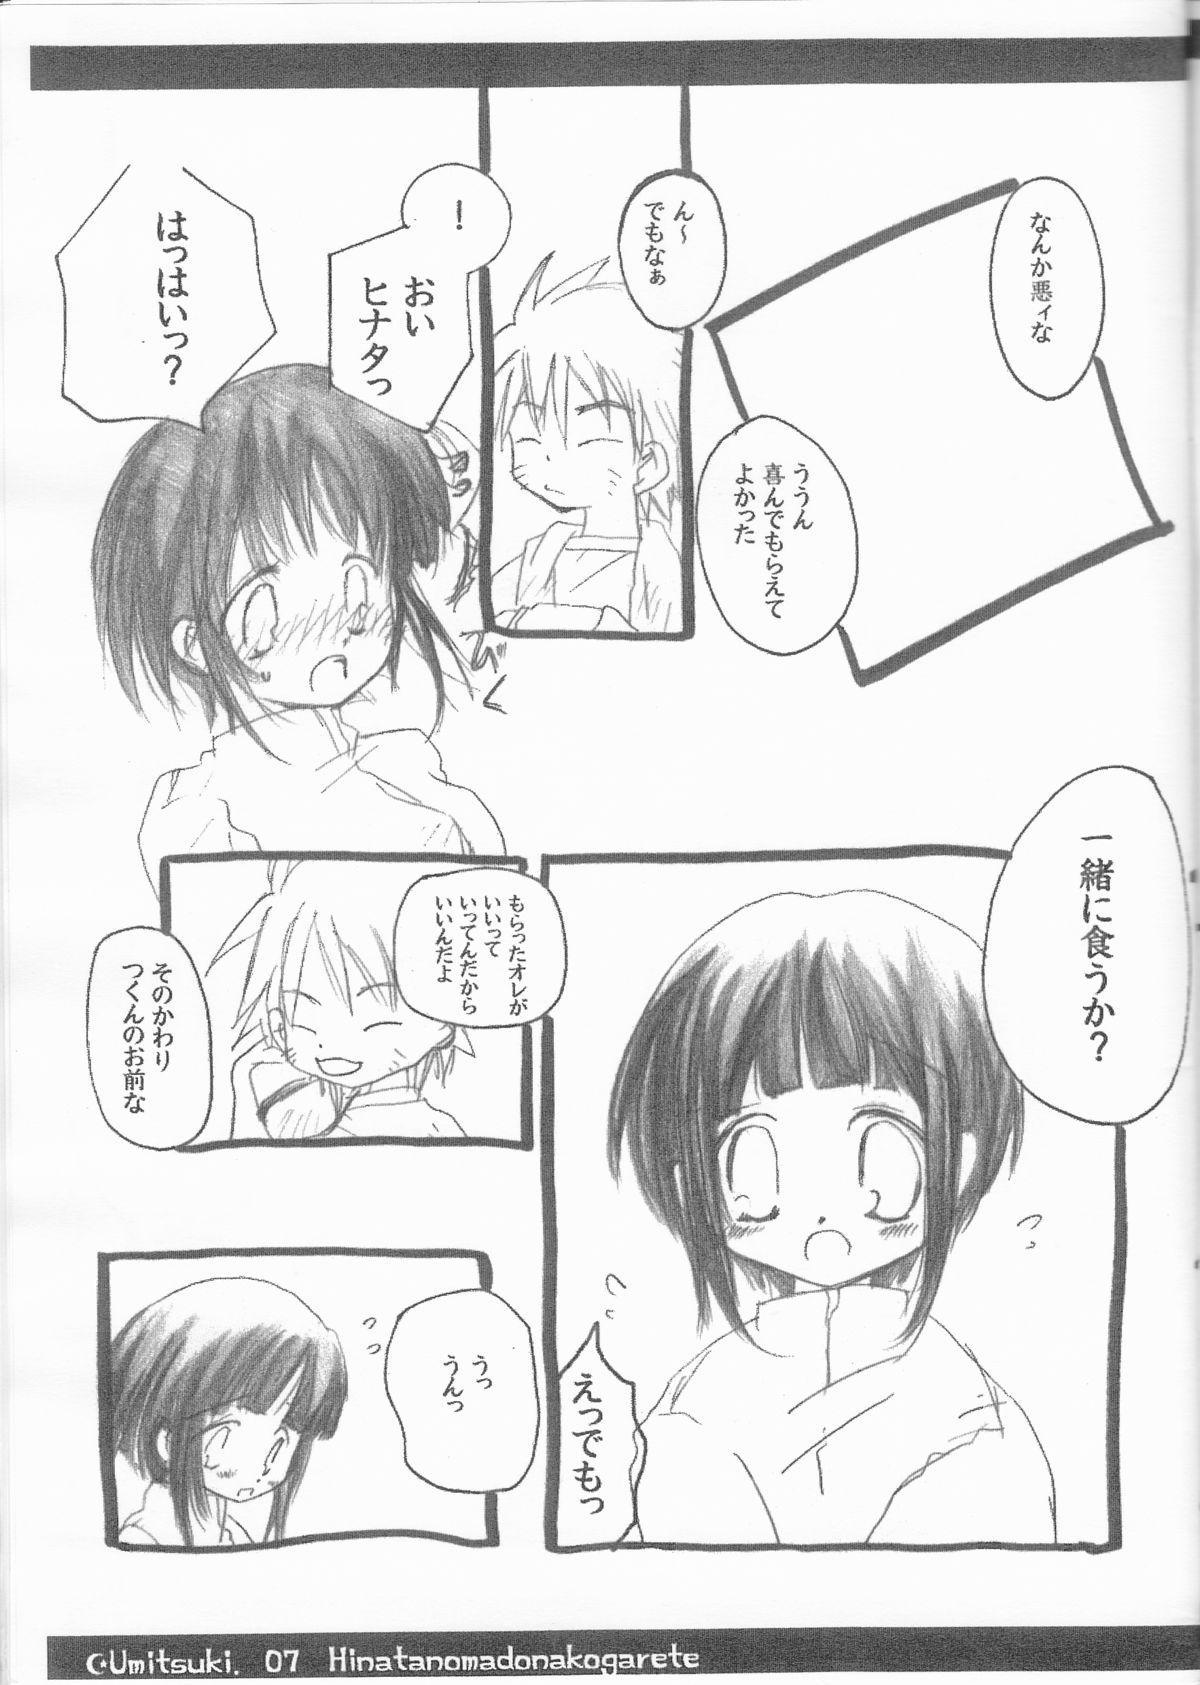 Hinata no Mado ni Akogarete 6